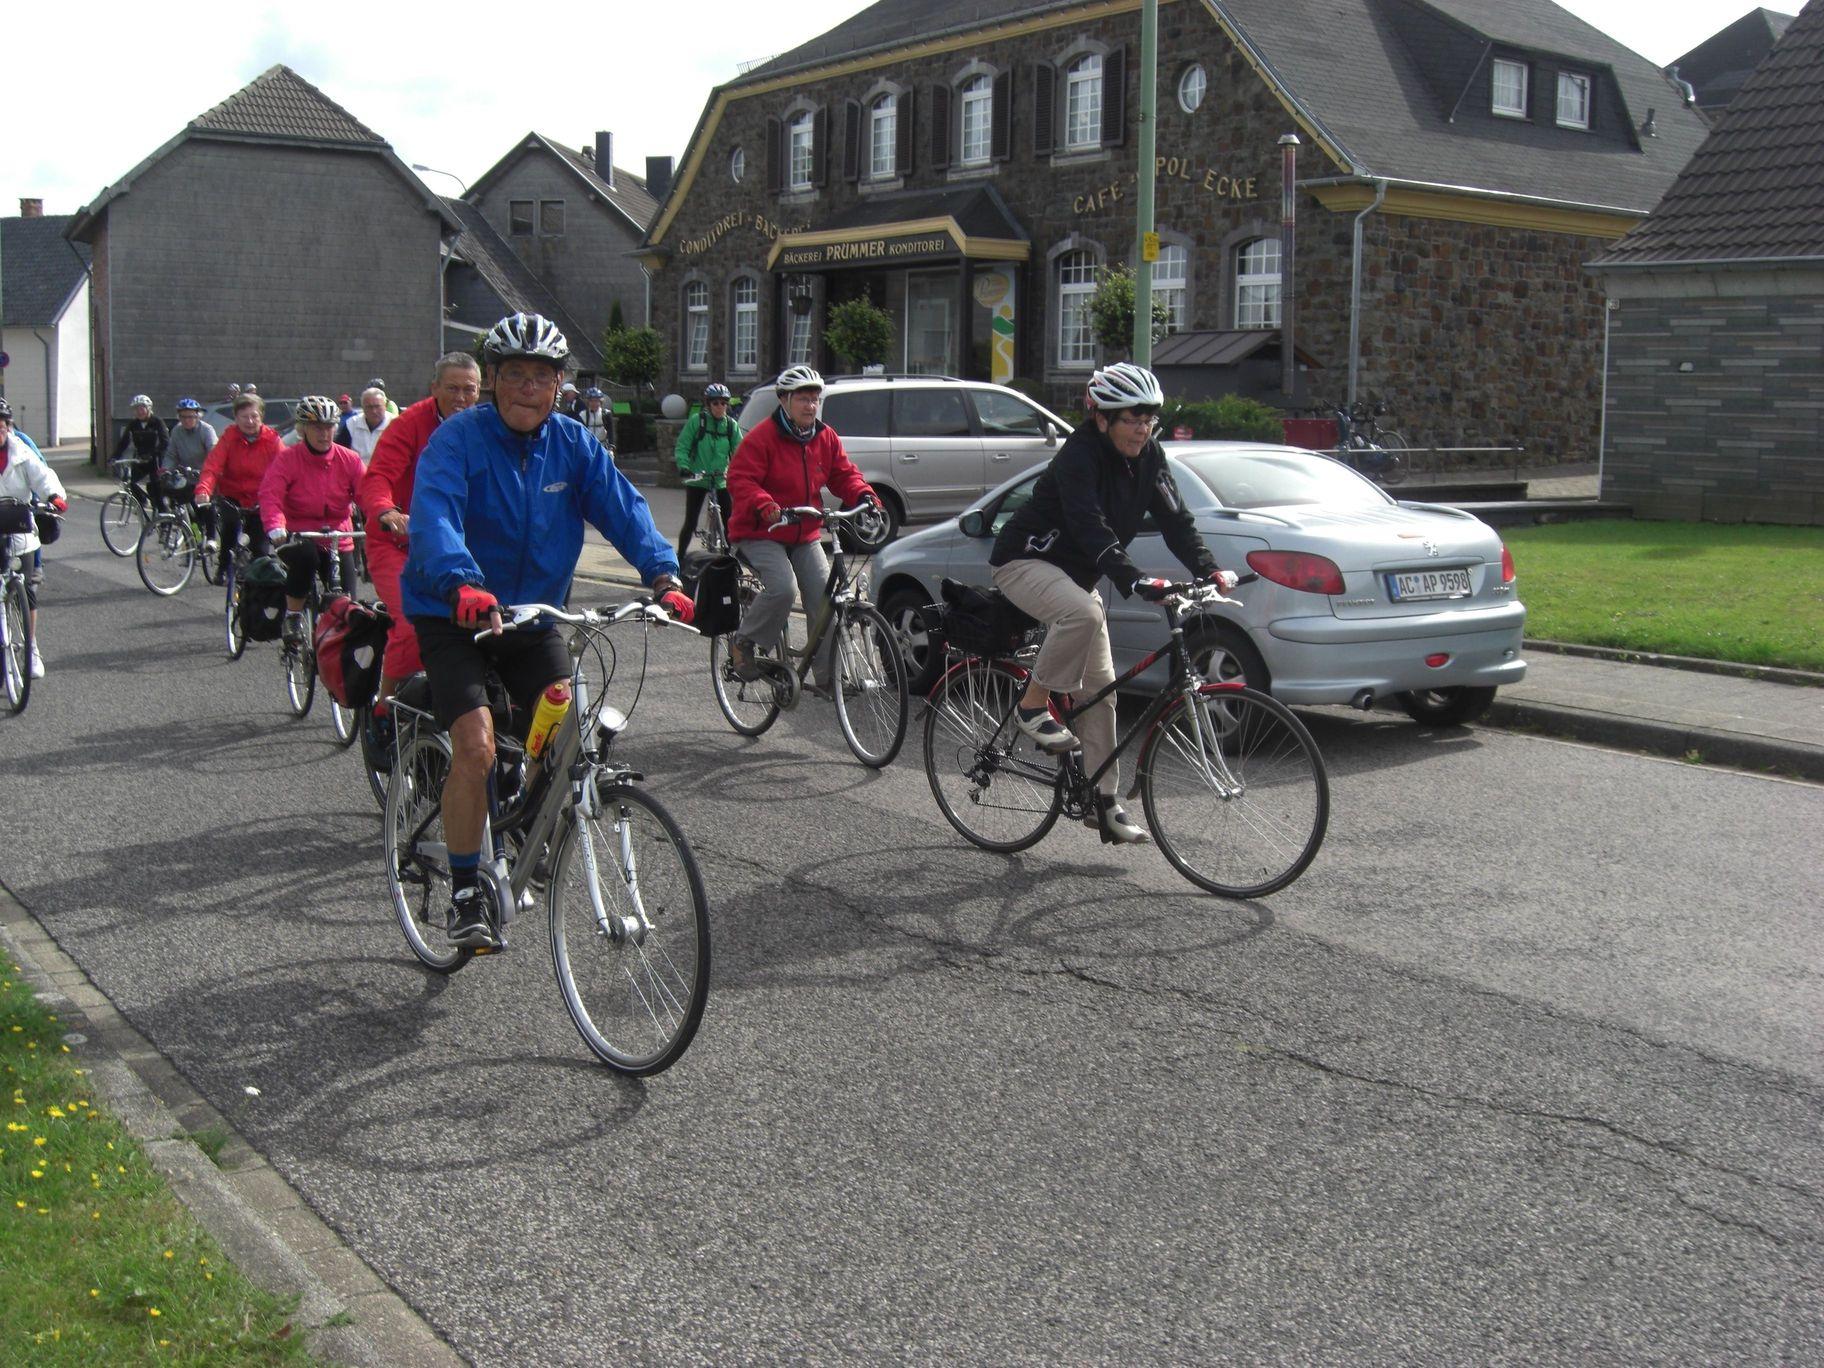 Teilnehmer der zweiten Gruppe bei der Abfahrt nach der Pause in Lammersdorf vor Bäckerei-Konditorei Prümmer (Etappenziel unserer Vennbahn-Permanenten)